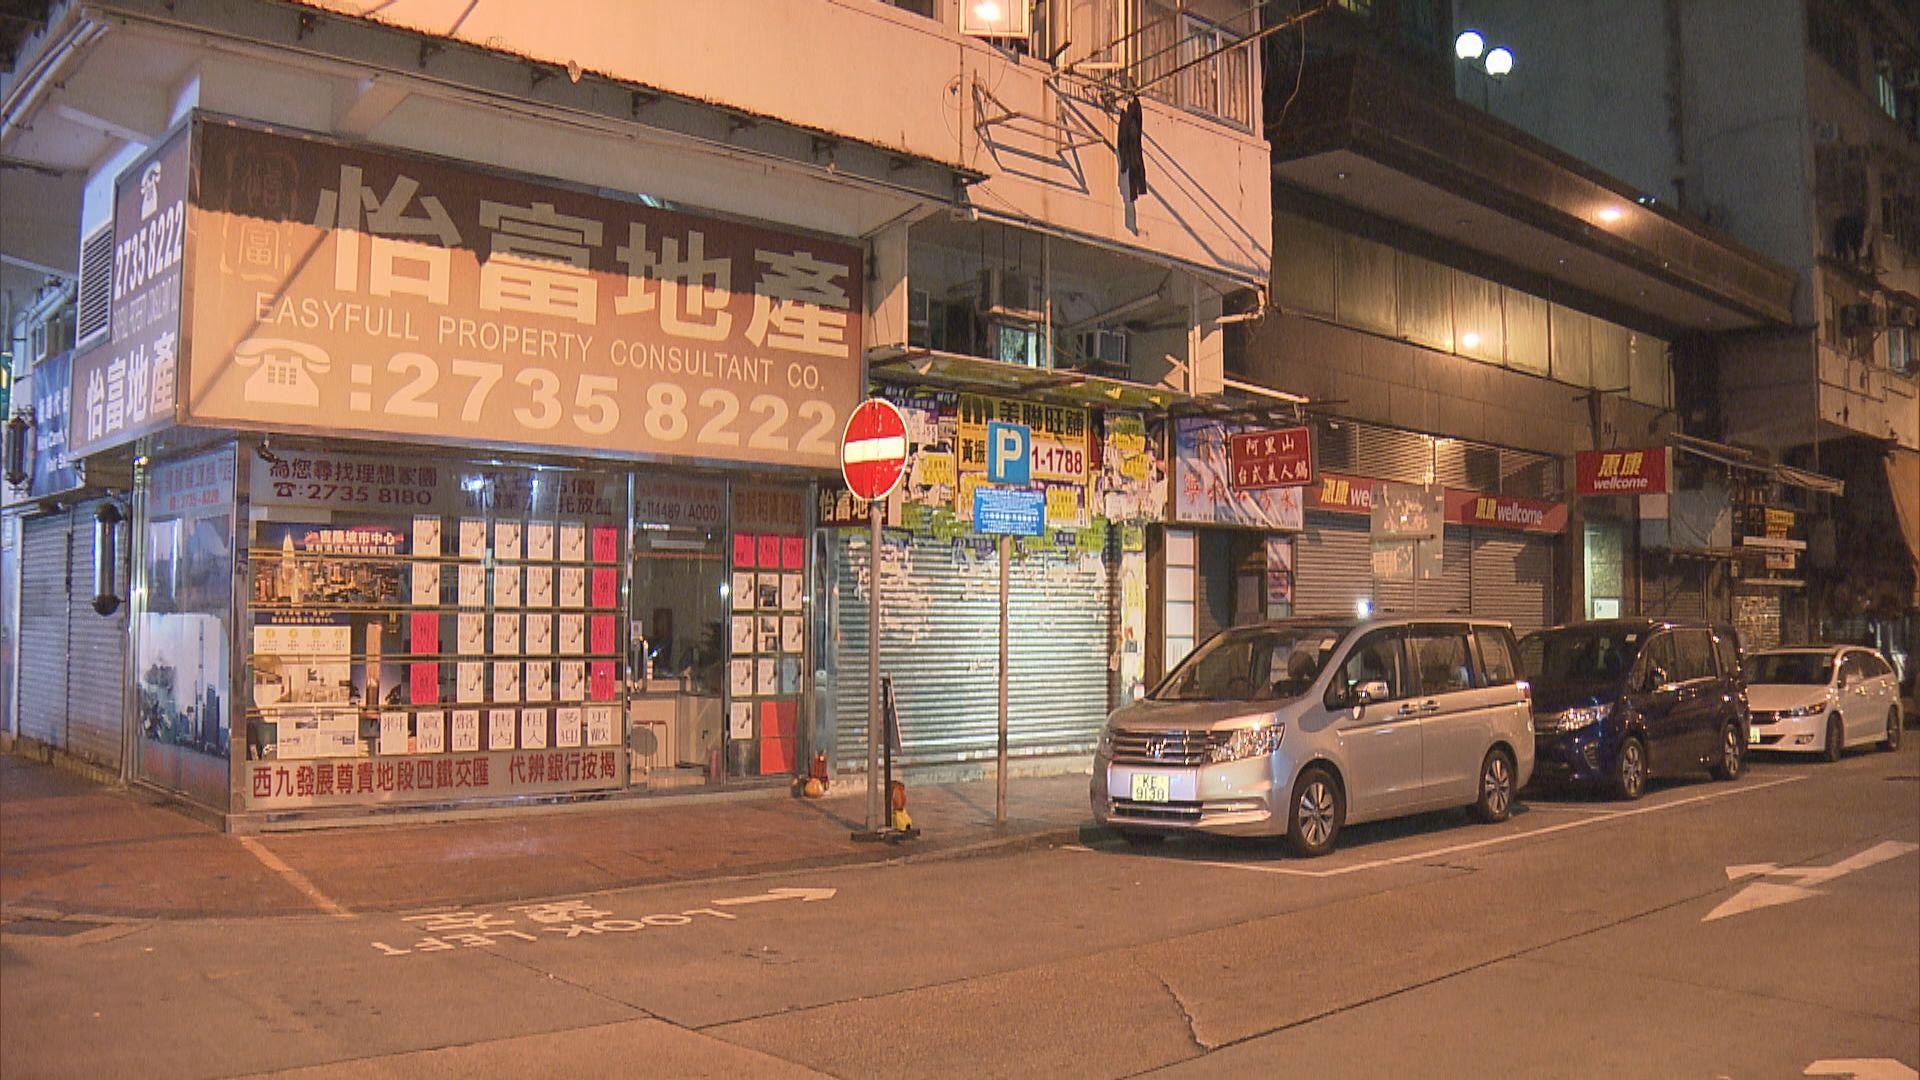 消息:與西九龍反黑組警署警長一同被捕女子為通緝犯